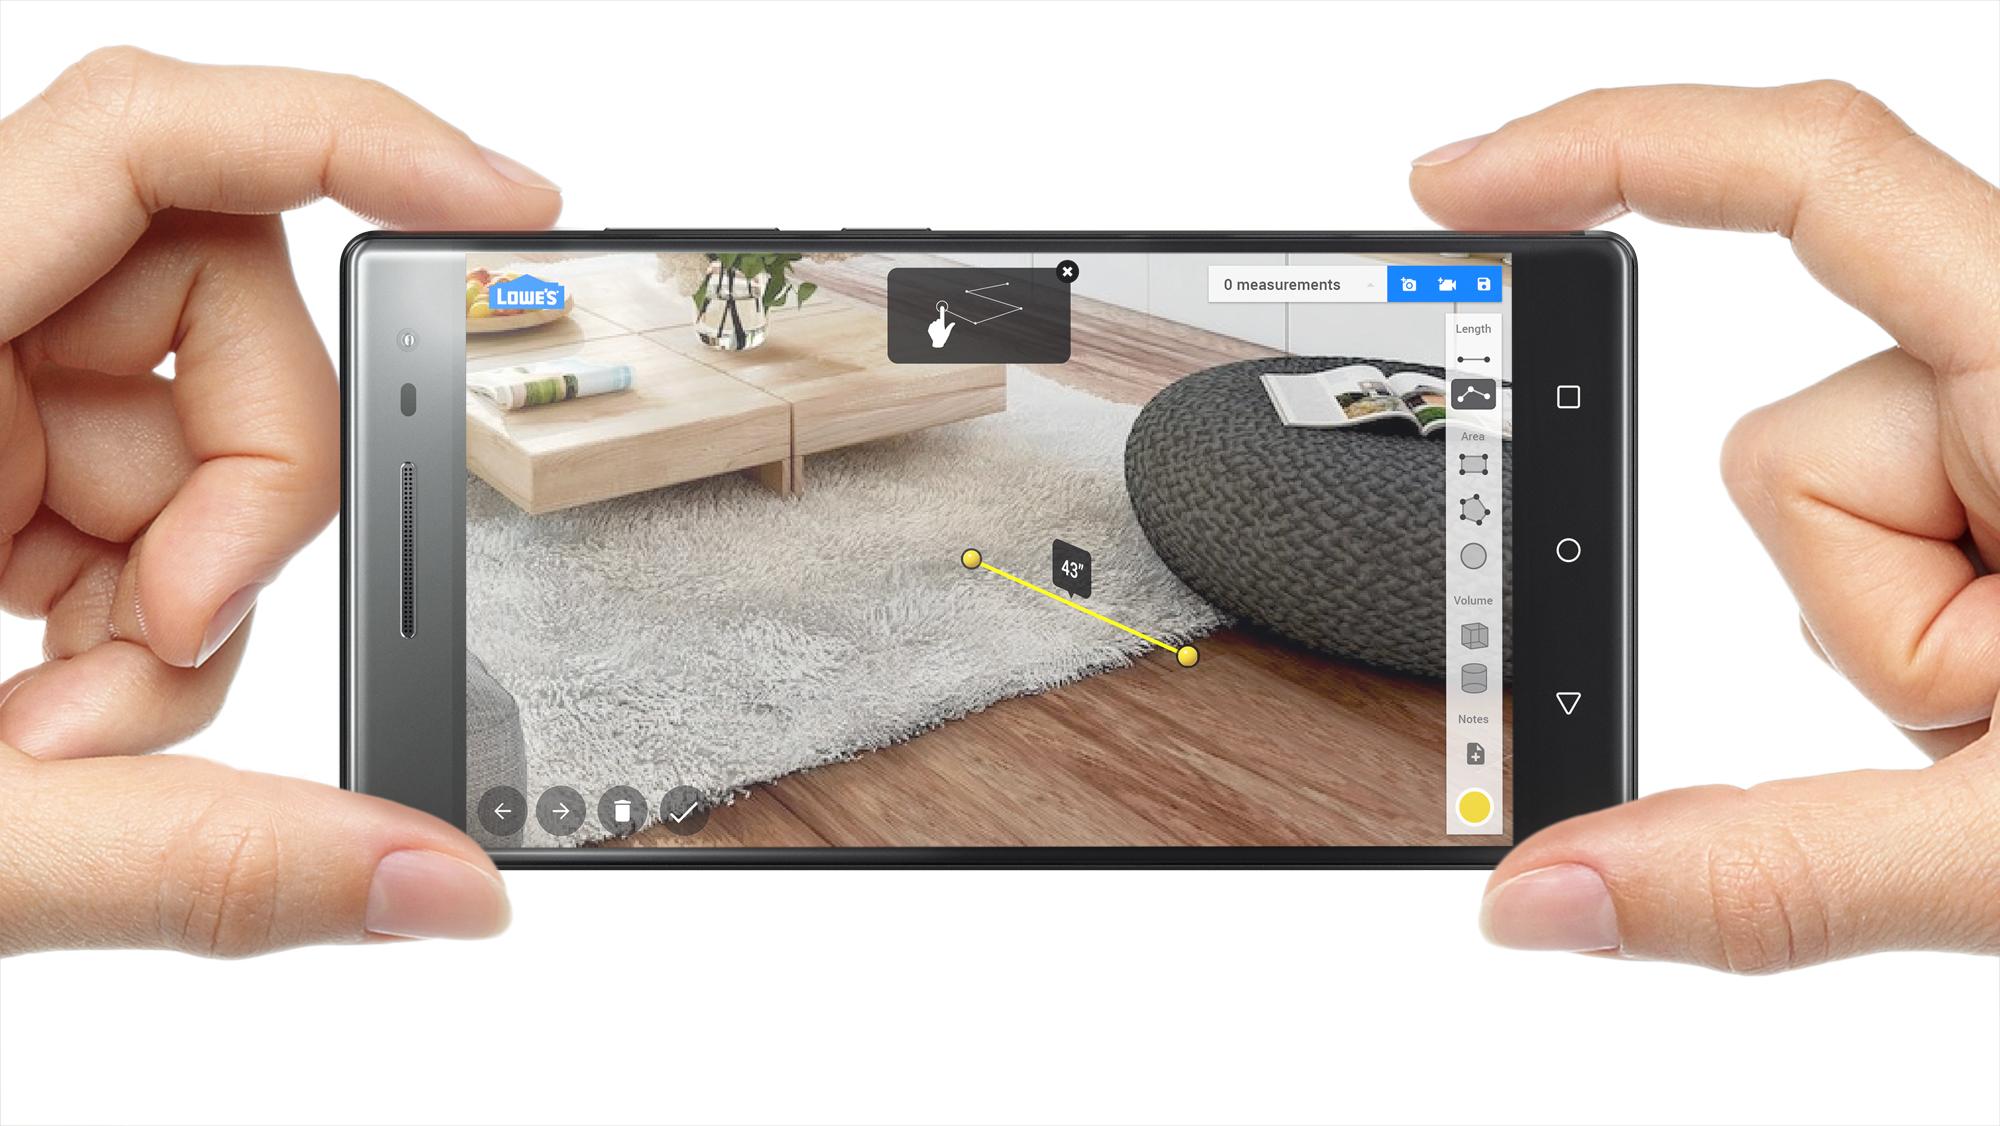 CES 2017 : Asus Zenfone AR, révélé involontairement par Qualcomm